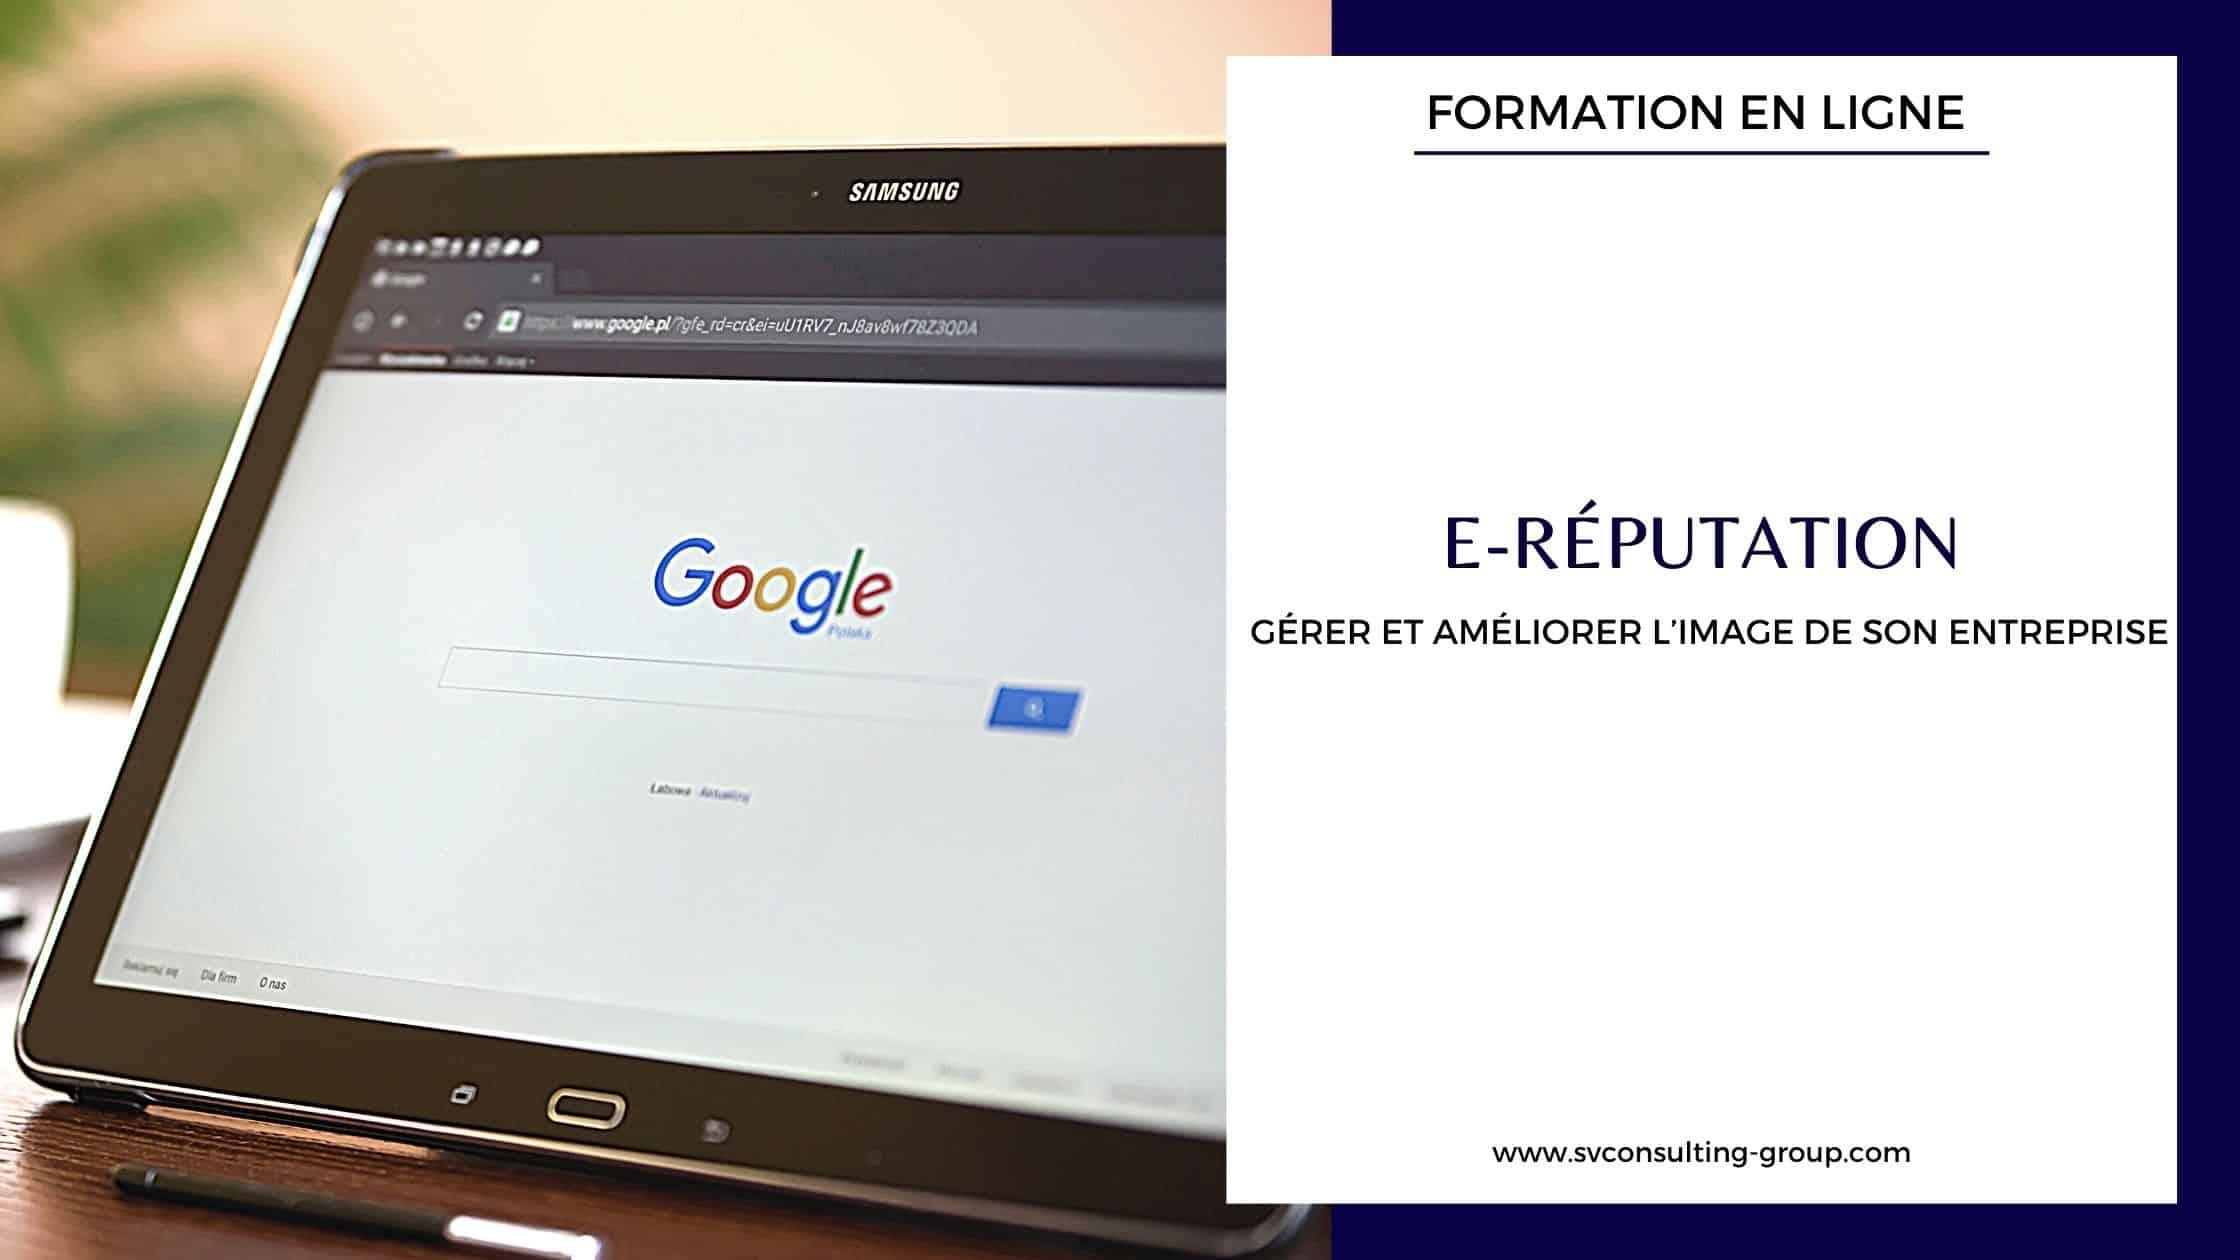 Formation - E-reputation Fidélisation clientèle - SV Consulting